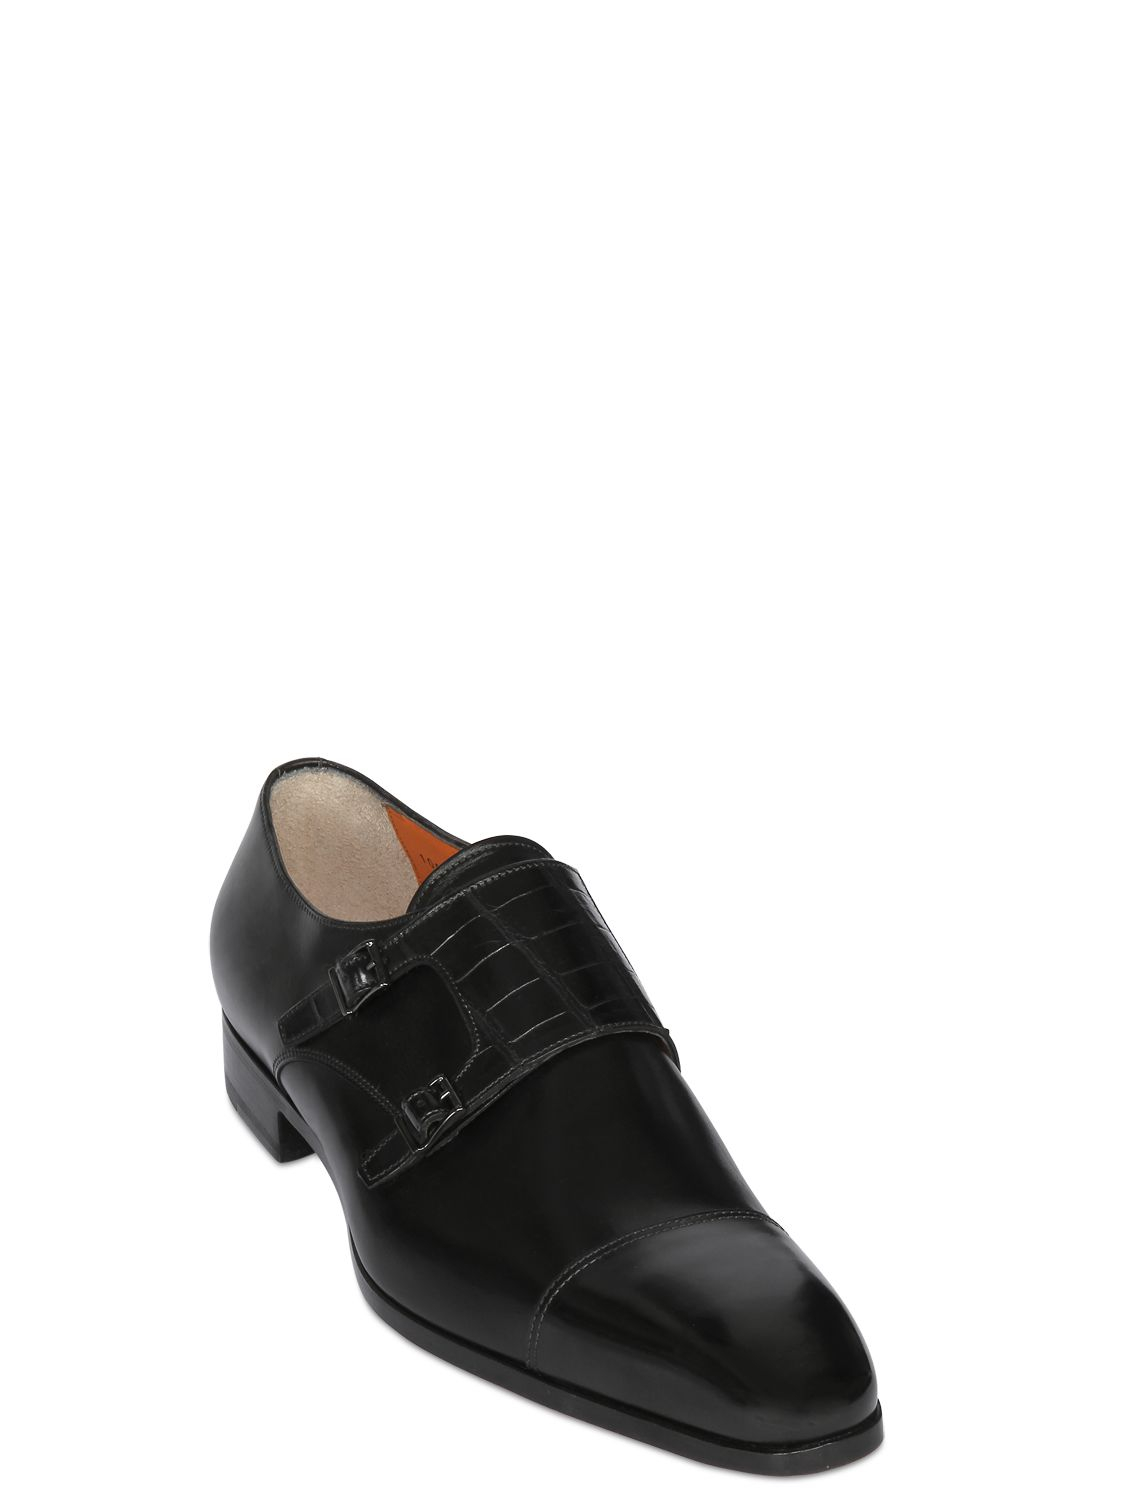 Tassel loafer 15608 calfskin crocodile leather blue Santoni Discount Shop Offer bx6j67aQa